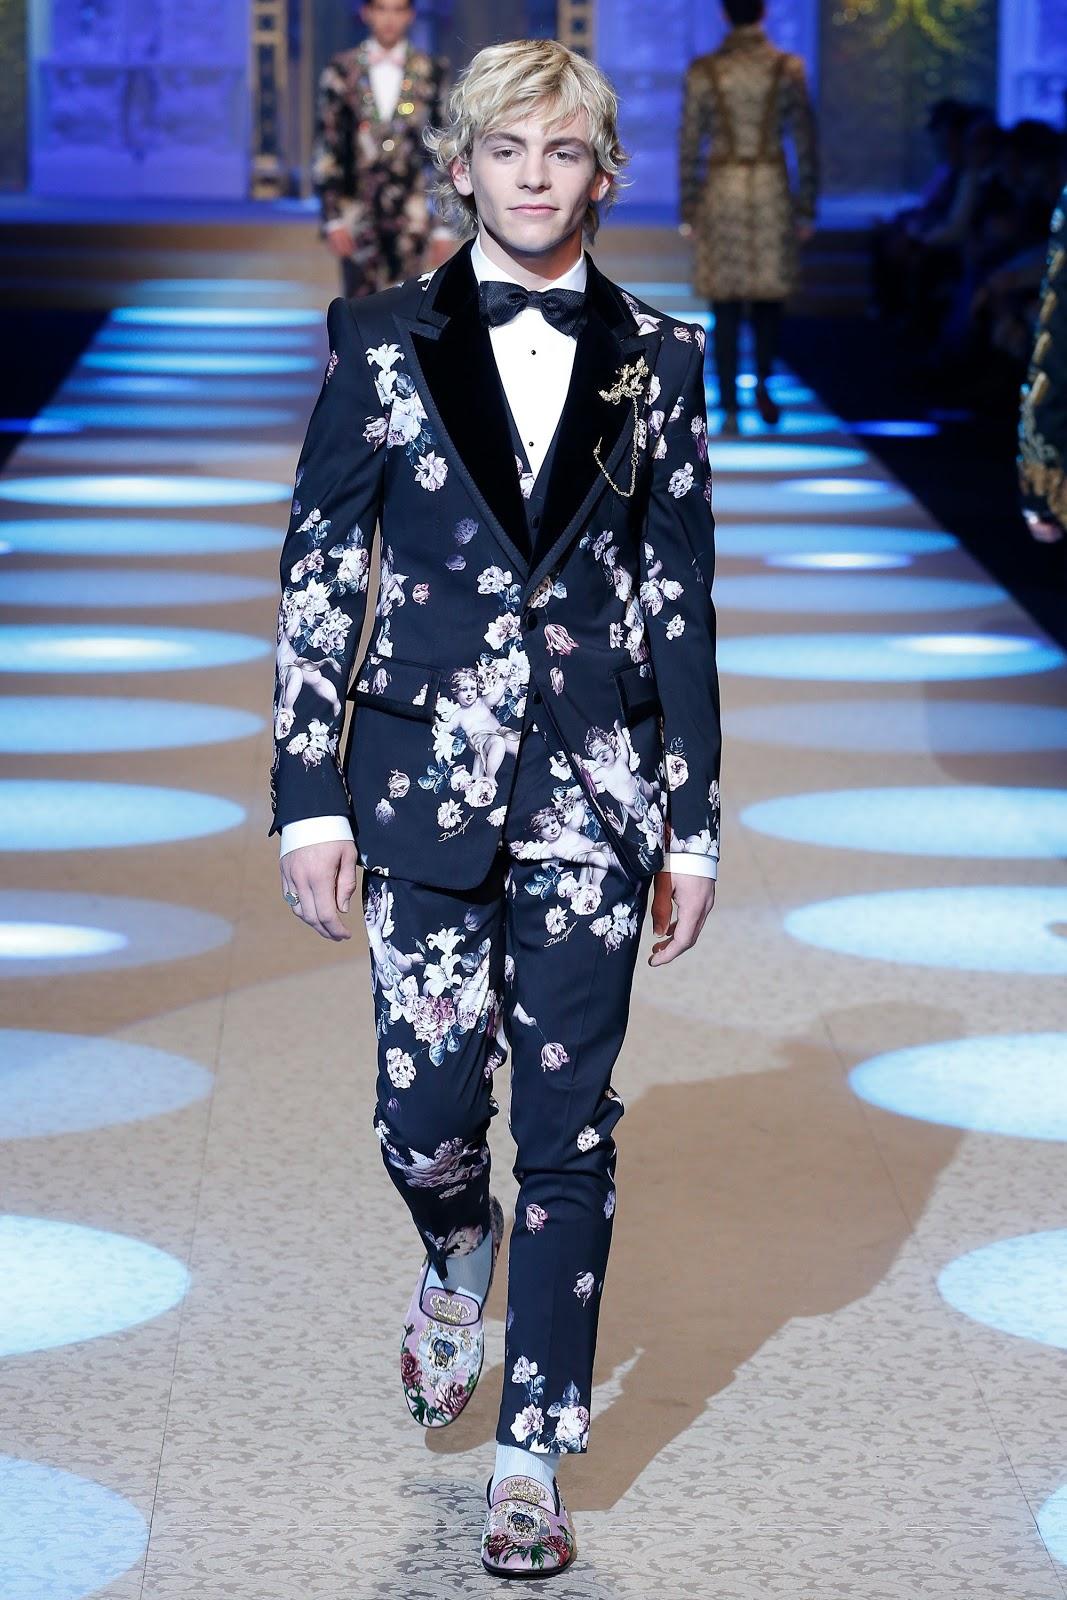 Desfile Dolce Gabbana Menswear Fall Winter 2018 2019 En